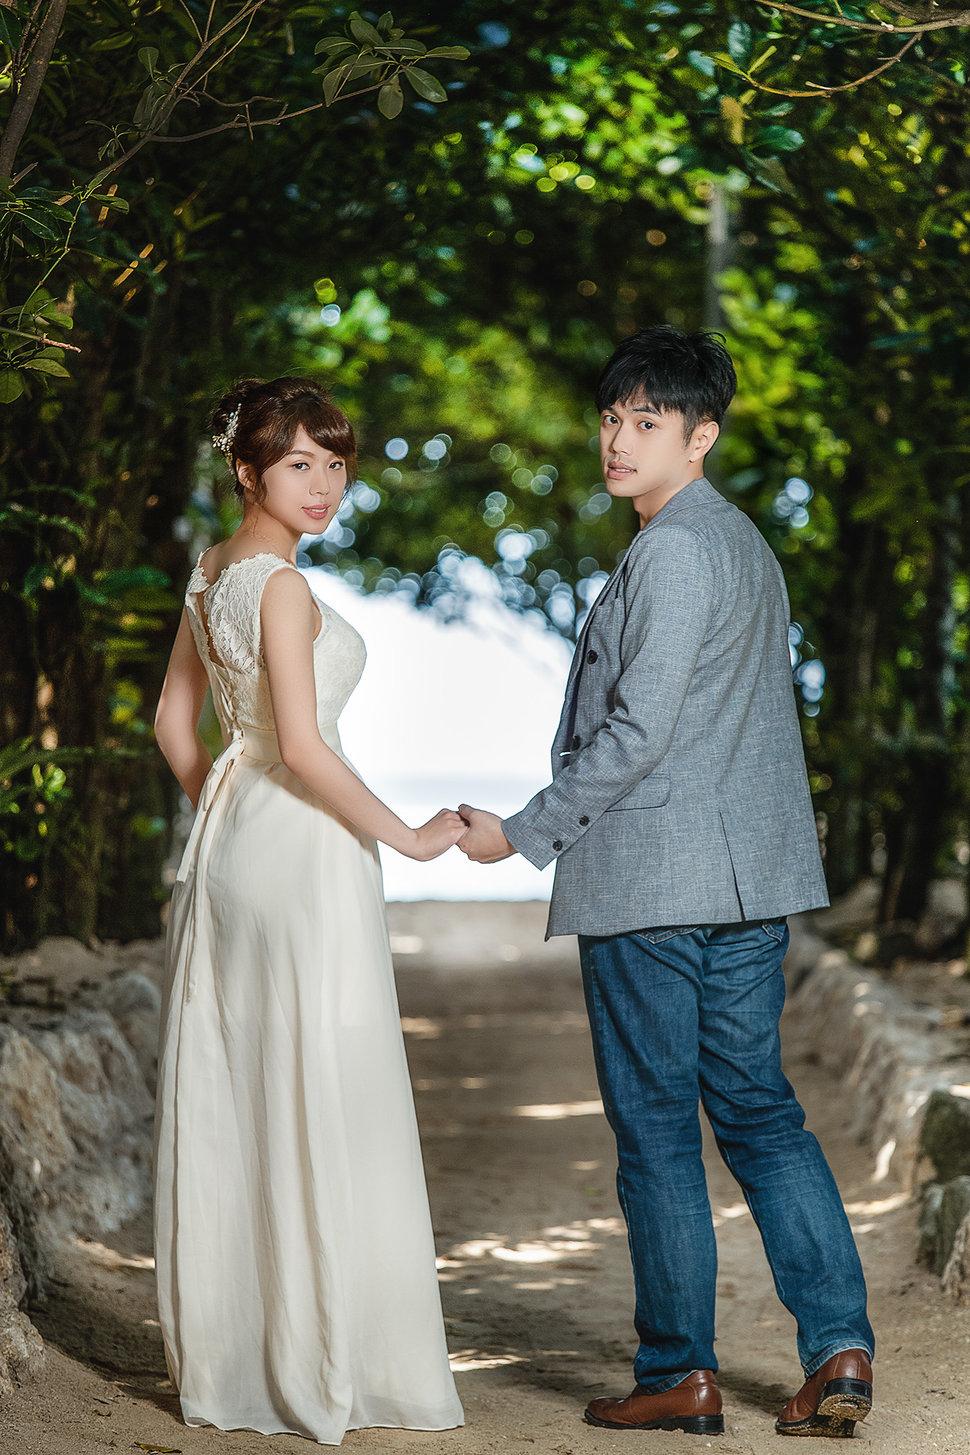 19 - Vivi's Studio 新娘秘書《結婚吧》